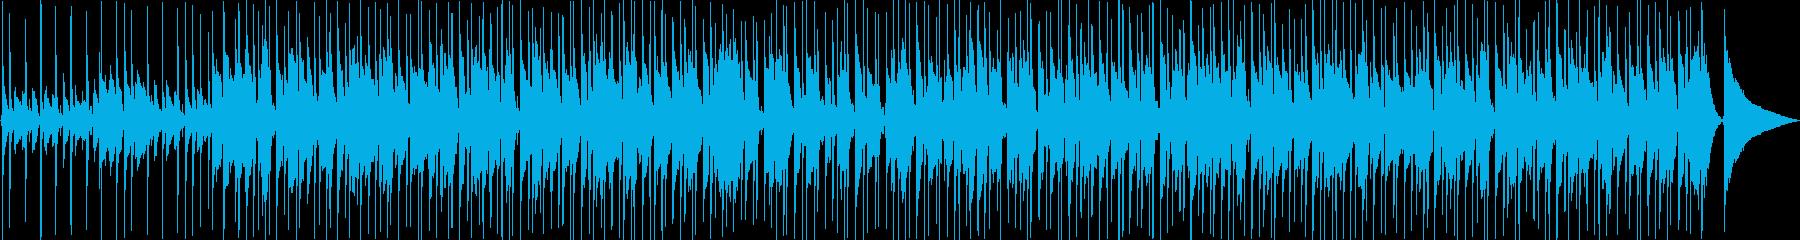 キラキラしたウクレレ風のpopで可愛い曲の再生済みの波形